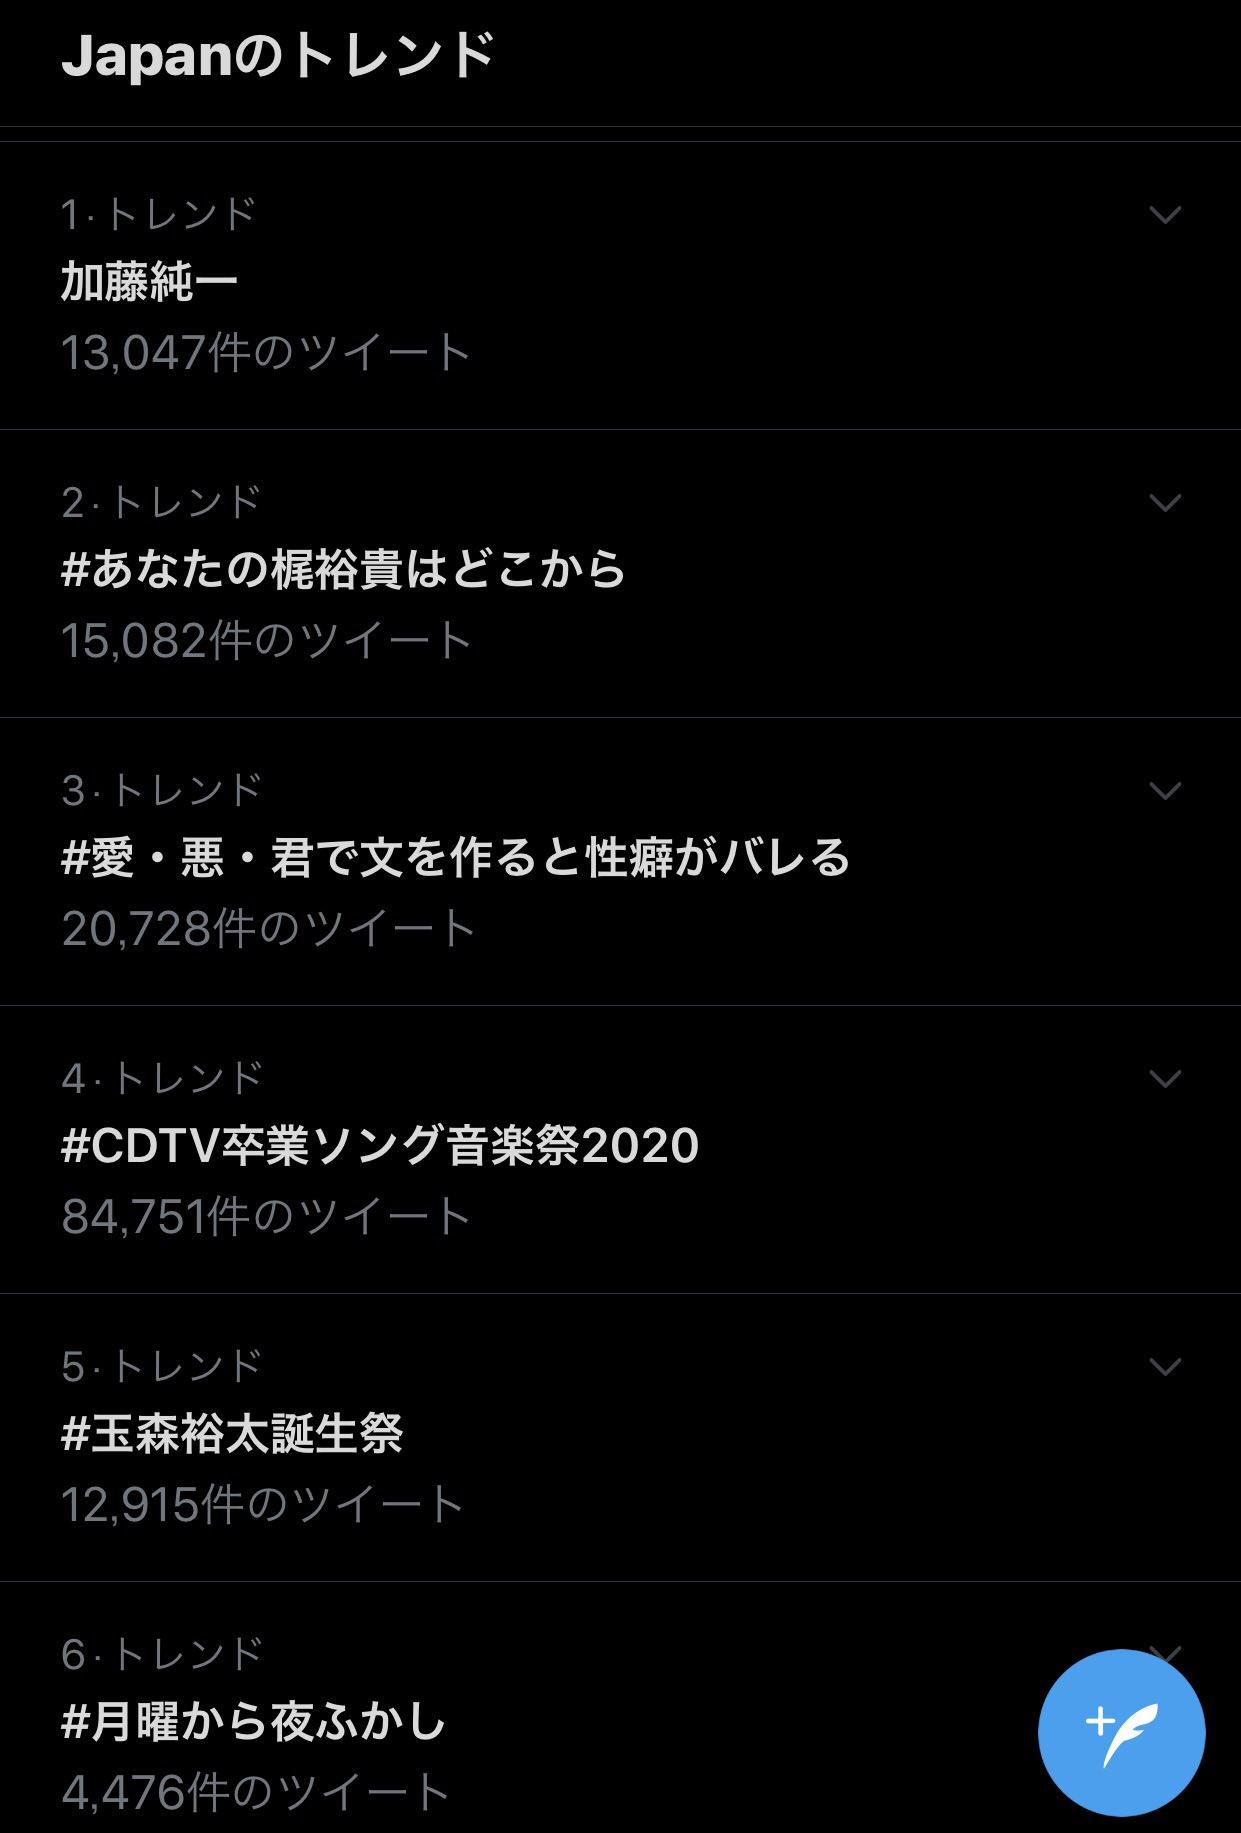 加藤 純一 ツイッター